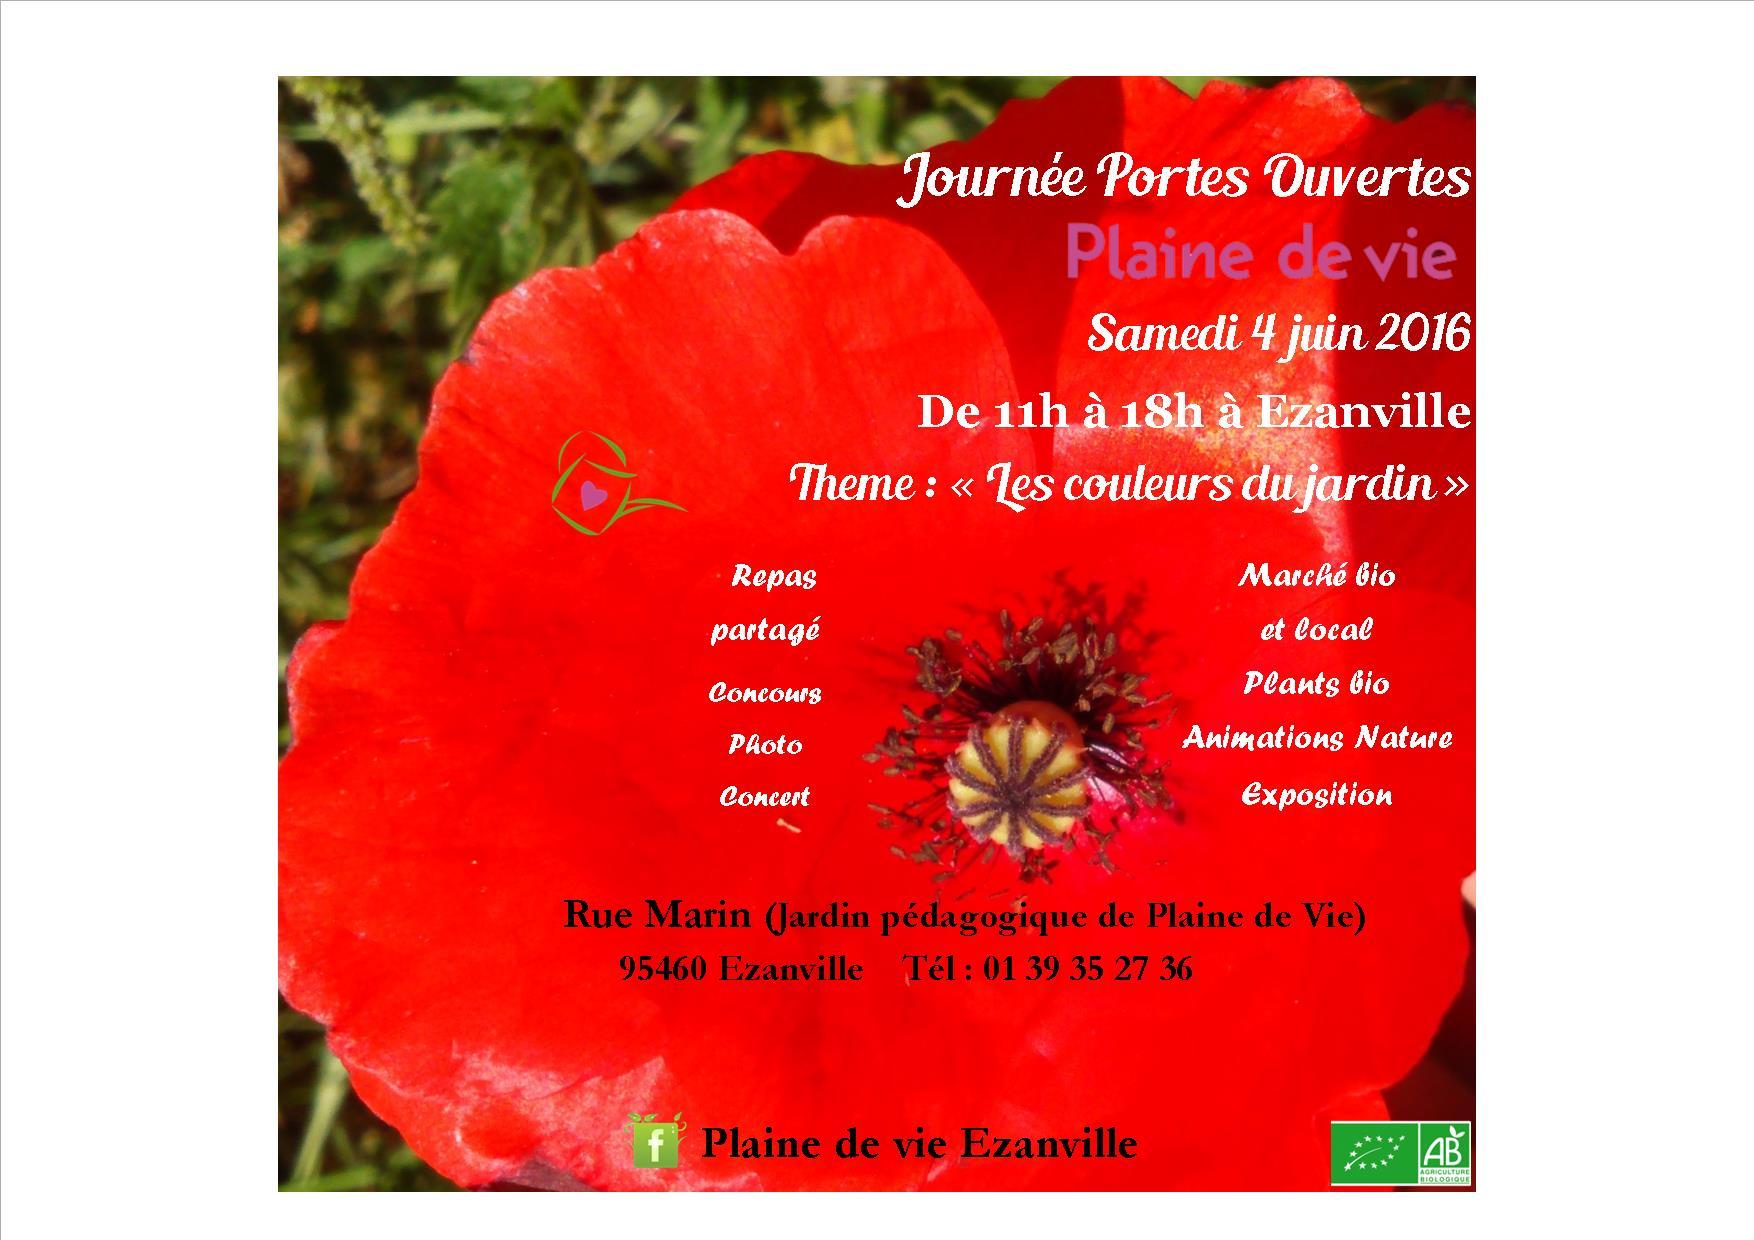 Rendez-vous au jardin : Samedi 4 juin de 11h à 18h à Ezanville